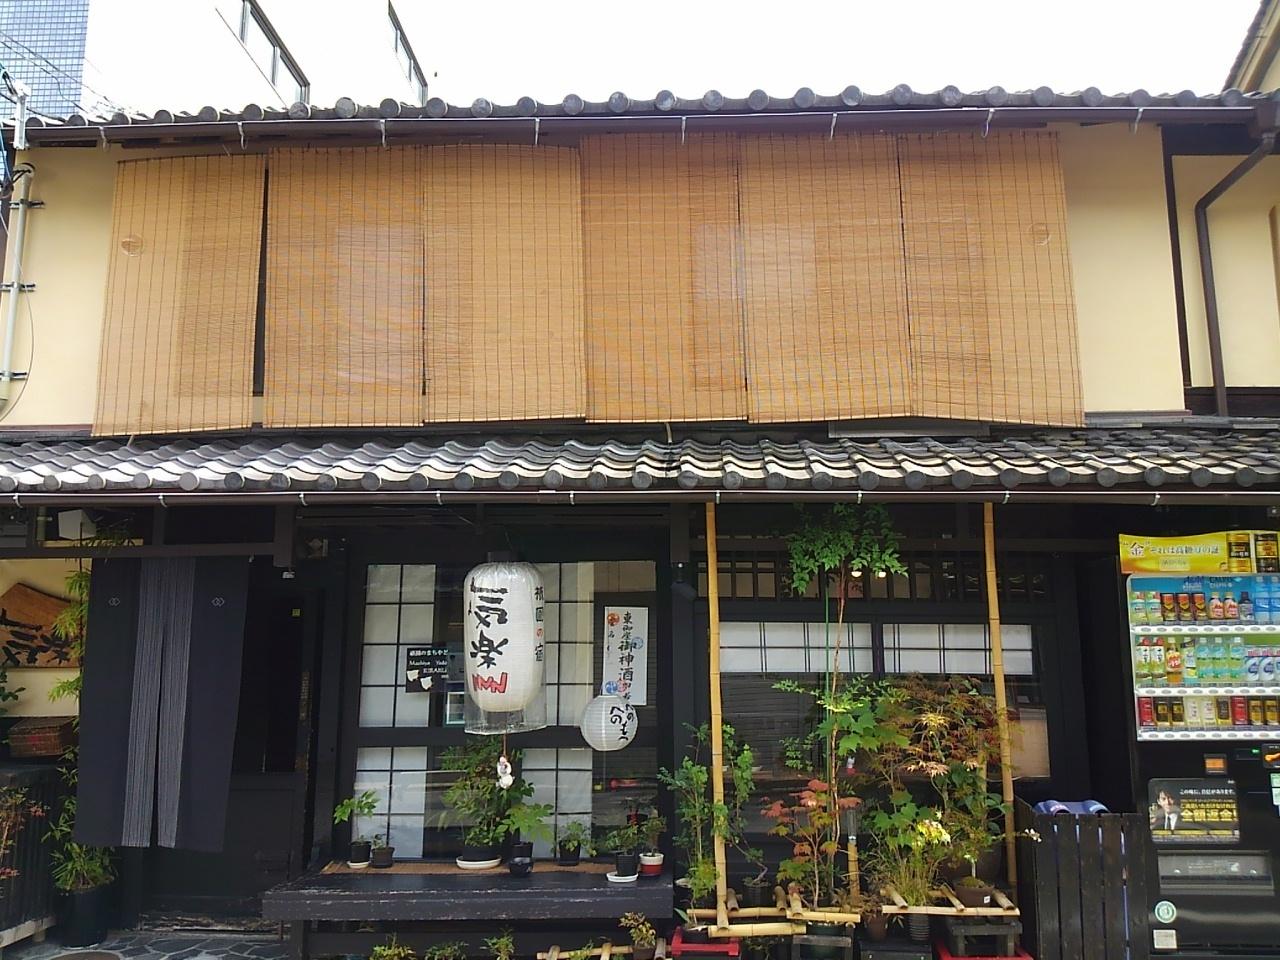 京都B級グルメ&カフェめぐり 1日目_d0083442_20123620.jpg